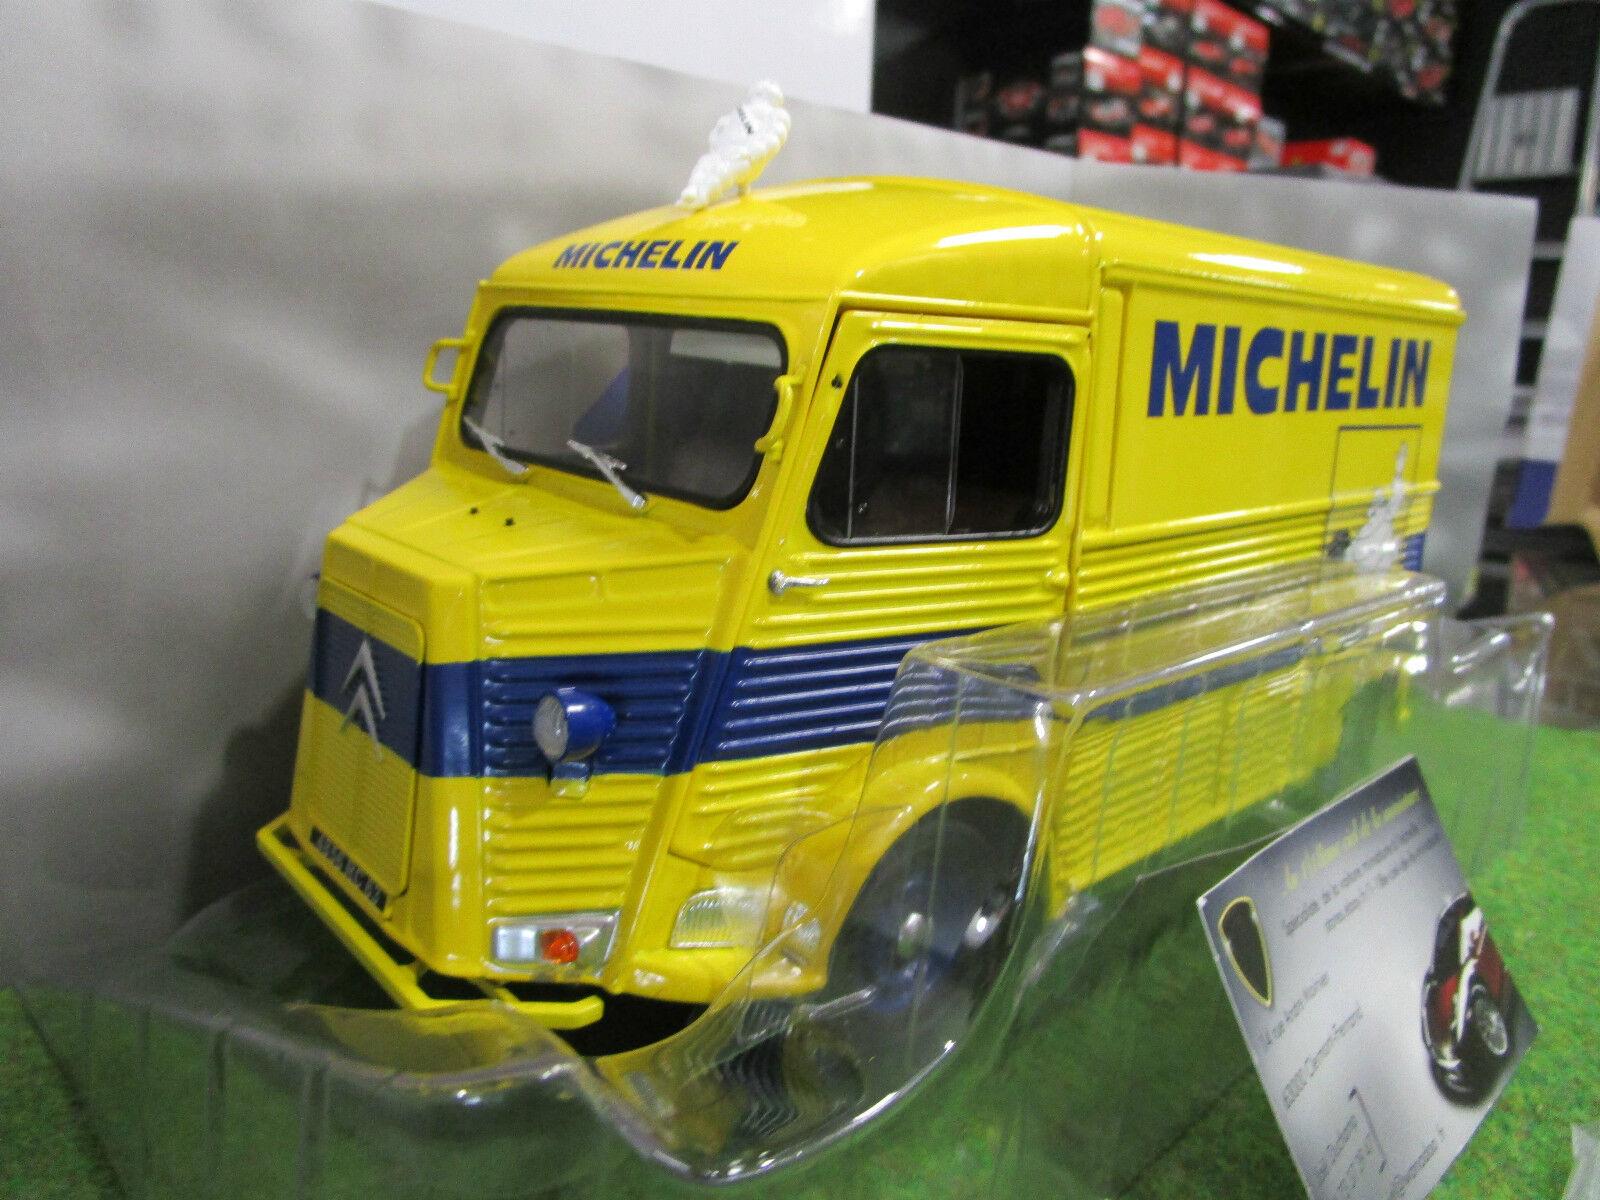 CITROEN TYPE HY MICHELIN de 1969 jaune  au 1 18 SOLIDO S1850002 voiture miniature  qualité authentique